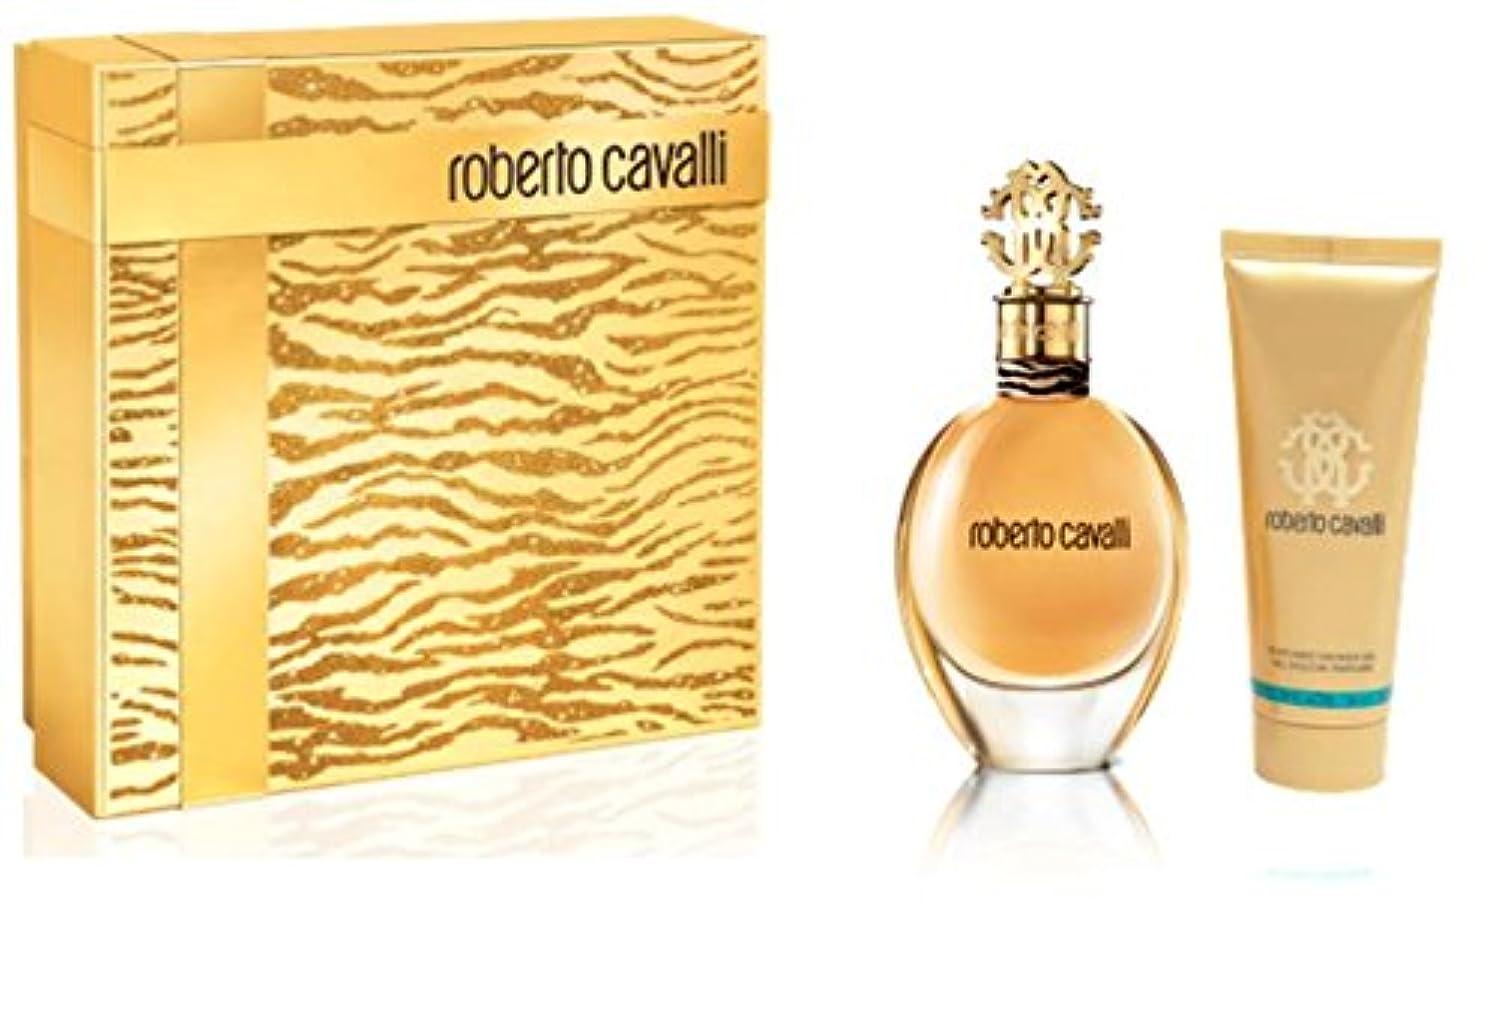 ロベルトカヴァリ Roberto Cavalli (New) Coffret: Eau De Parfum Spray 75ml + Body Lotion 75ml 2pcs [海外直送品]